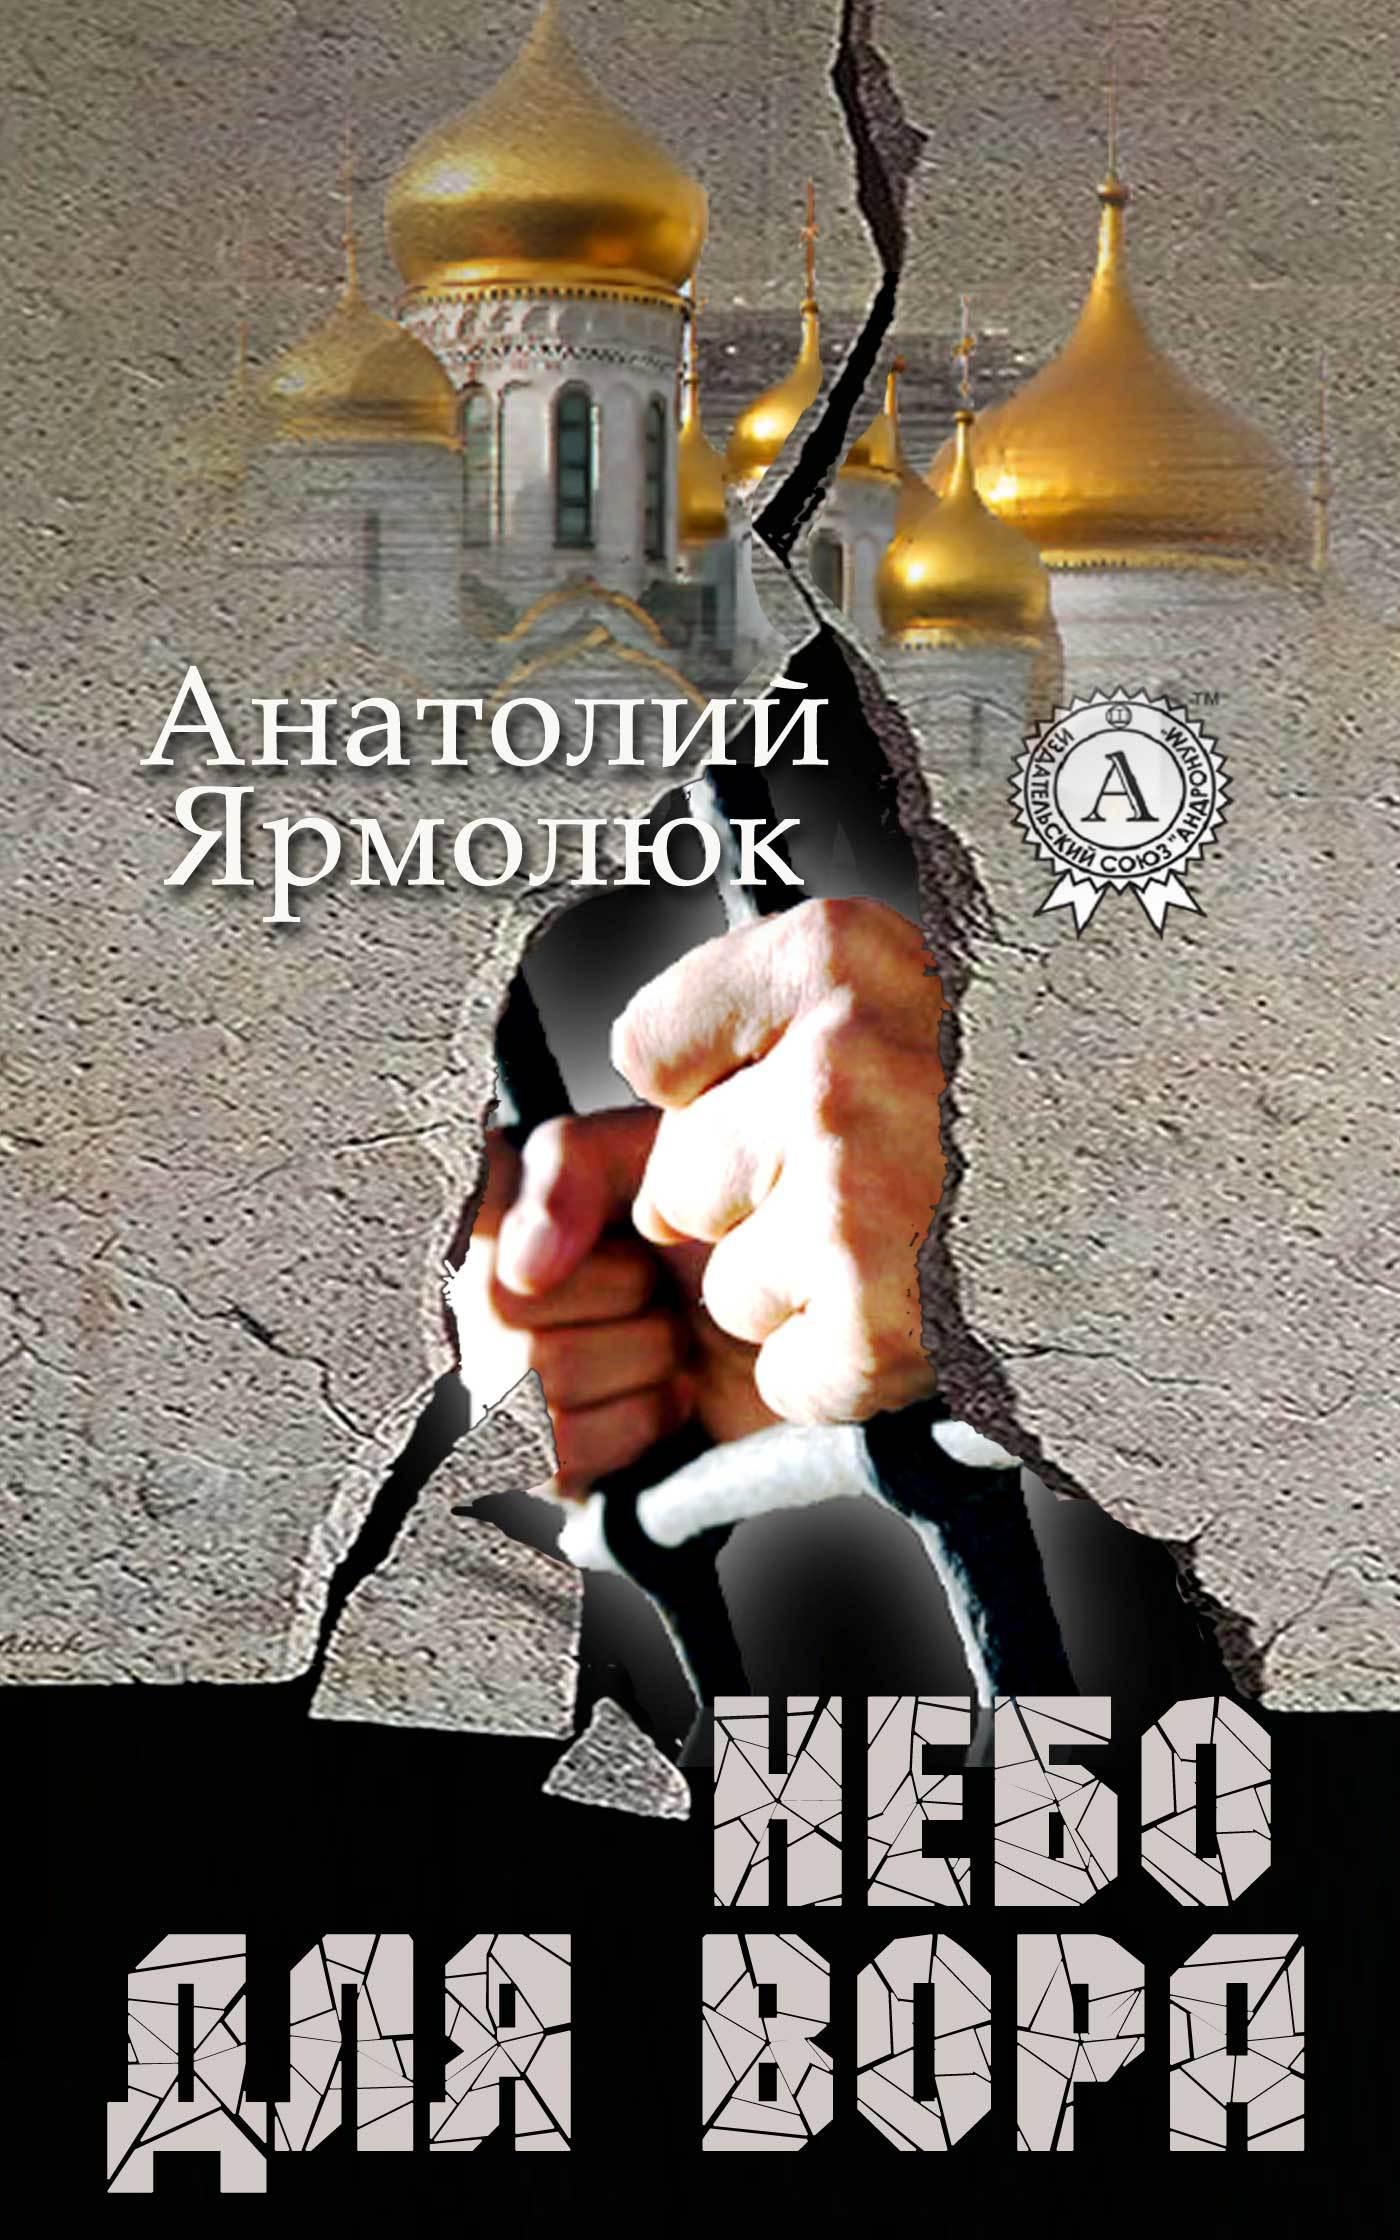 Анатолий Ярмолюк Небо для вора анатолий ярмолюк зеленоглазая моя погибель